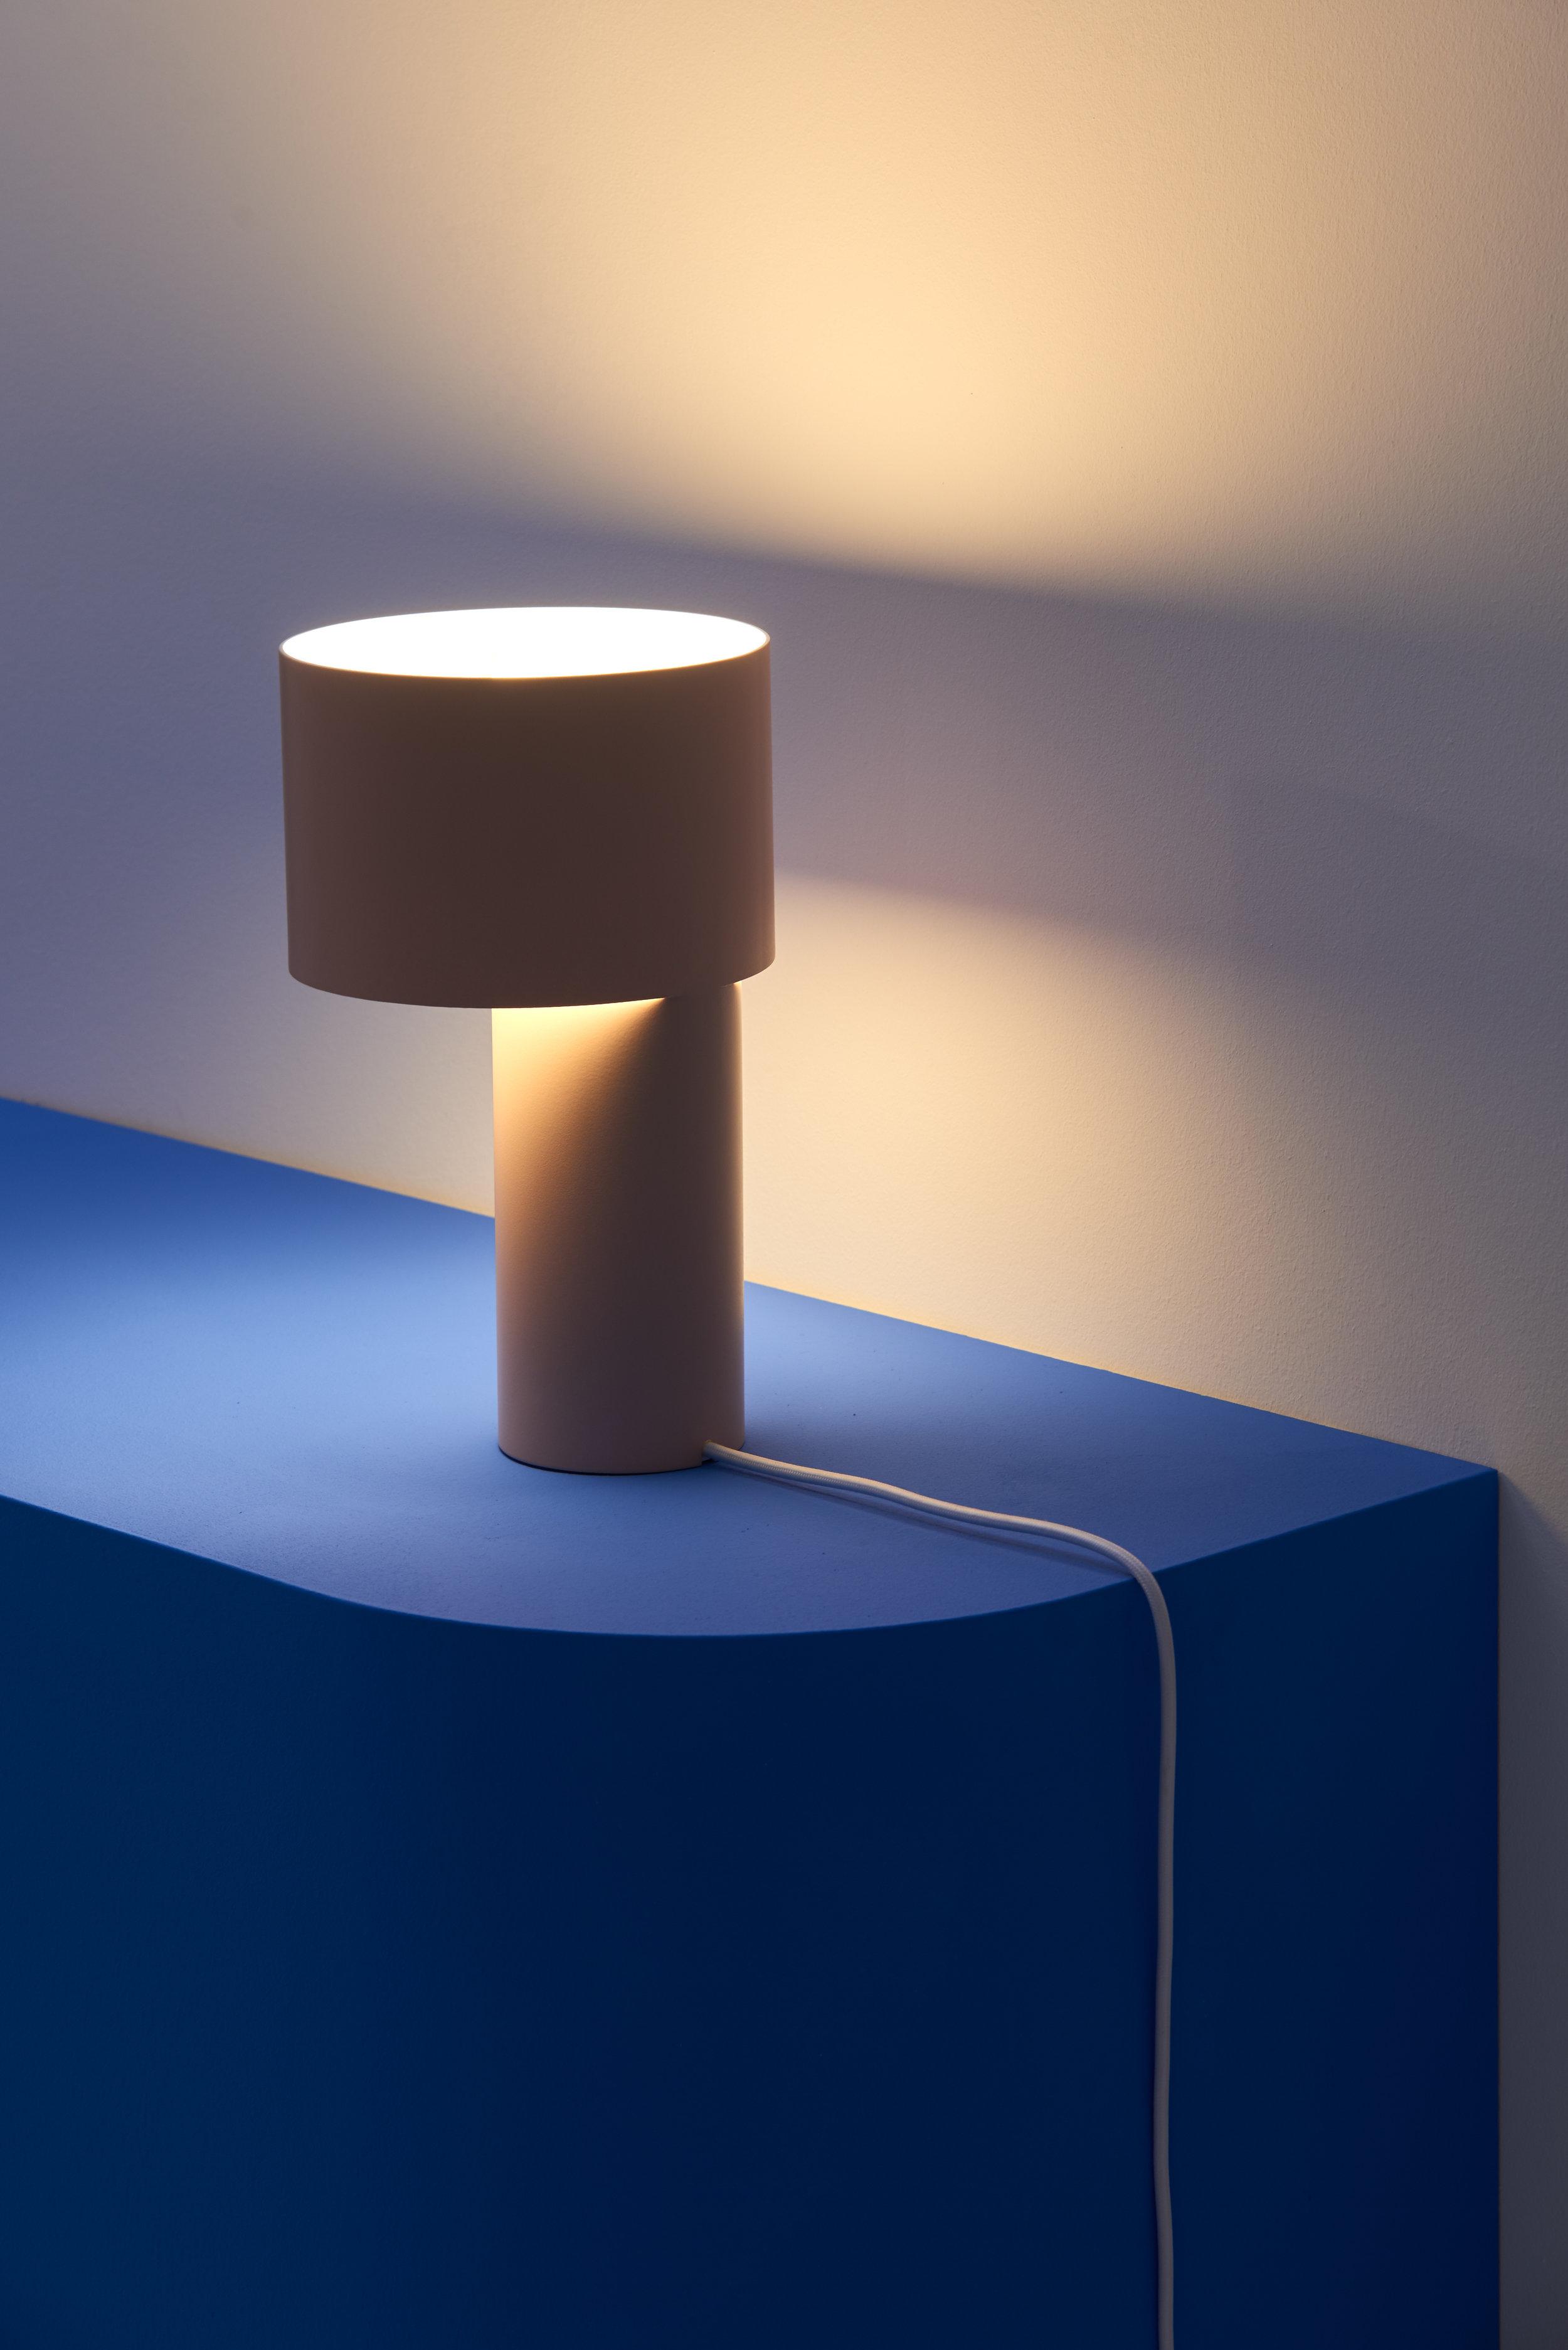 TANGENT_TABLE_LAMP_Frederik_Kurzweg_03.jpg